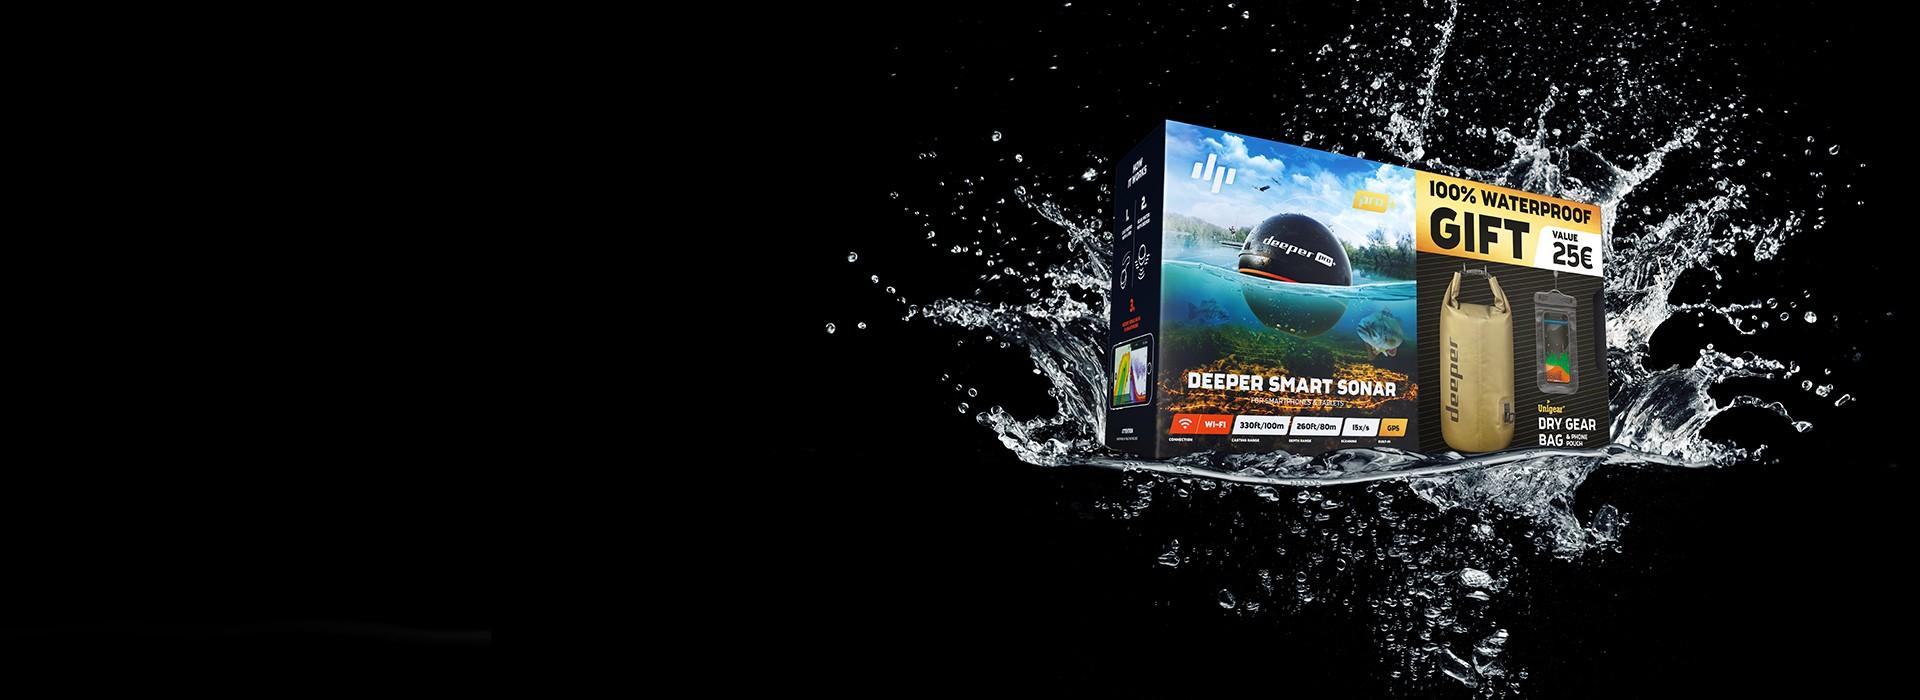 【期間限定】Deeper Pro+&オリジナルドライバッグ&防水スマートフォンケースセット期間限定スペシャルセット